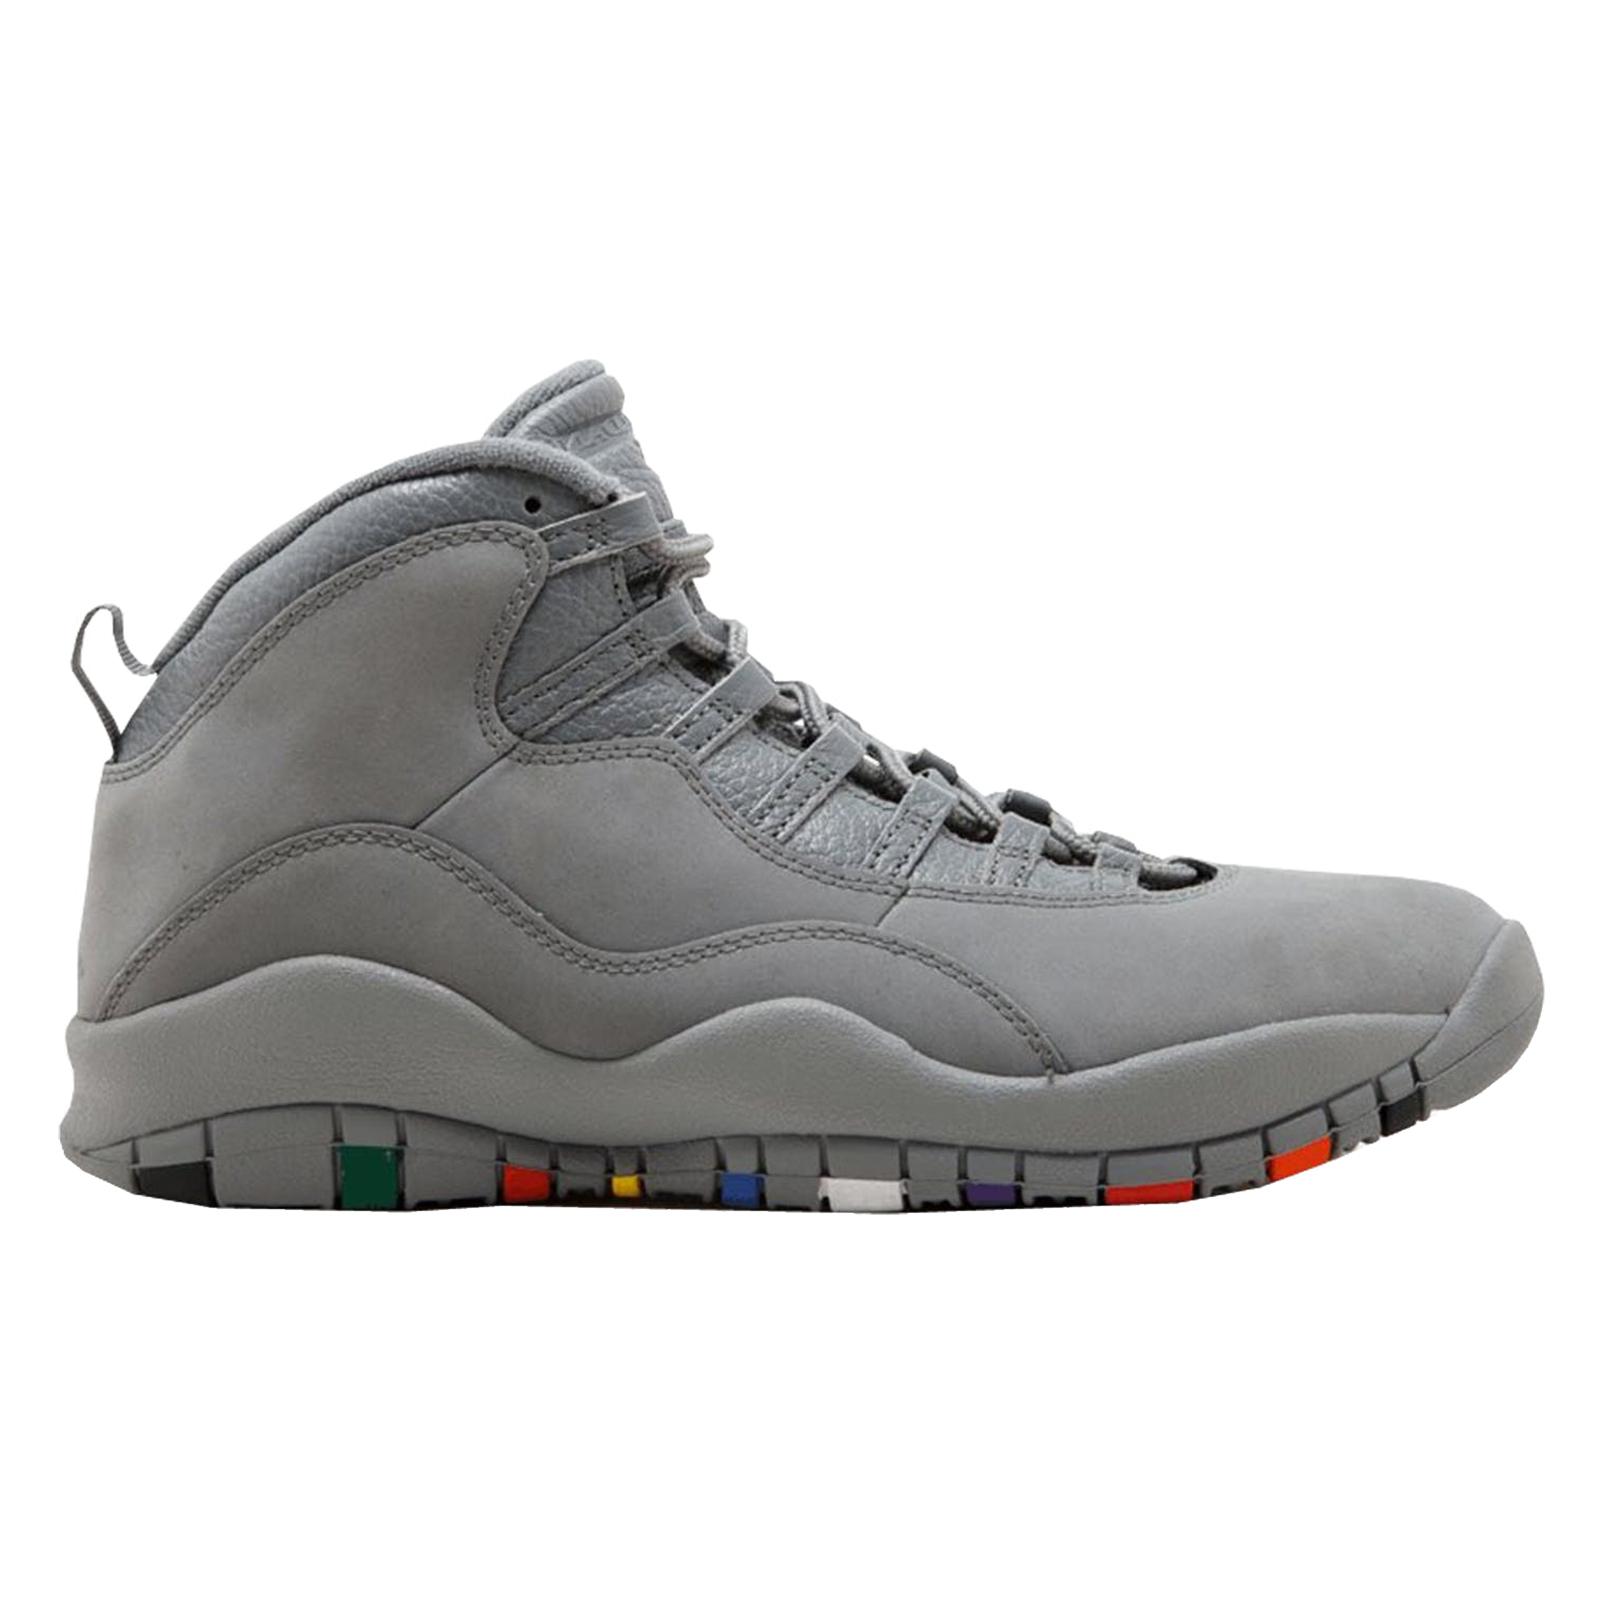 size 40 c79a9 2a5a5 Air Jordan 10